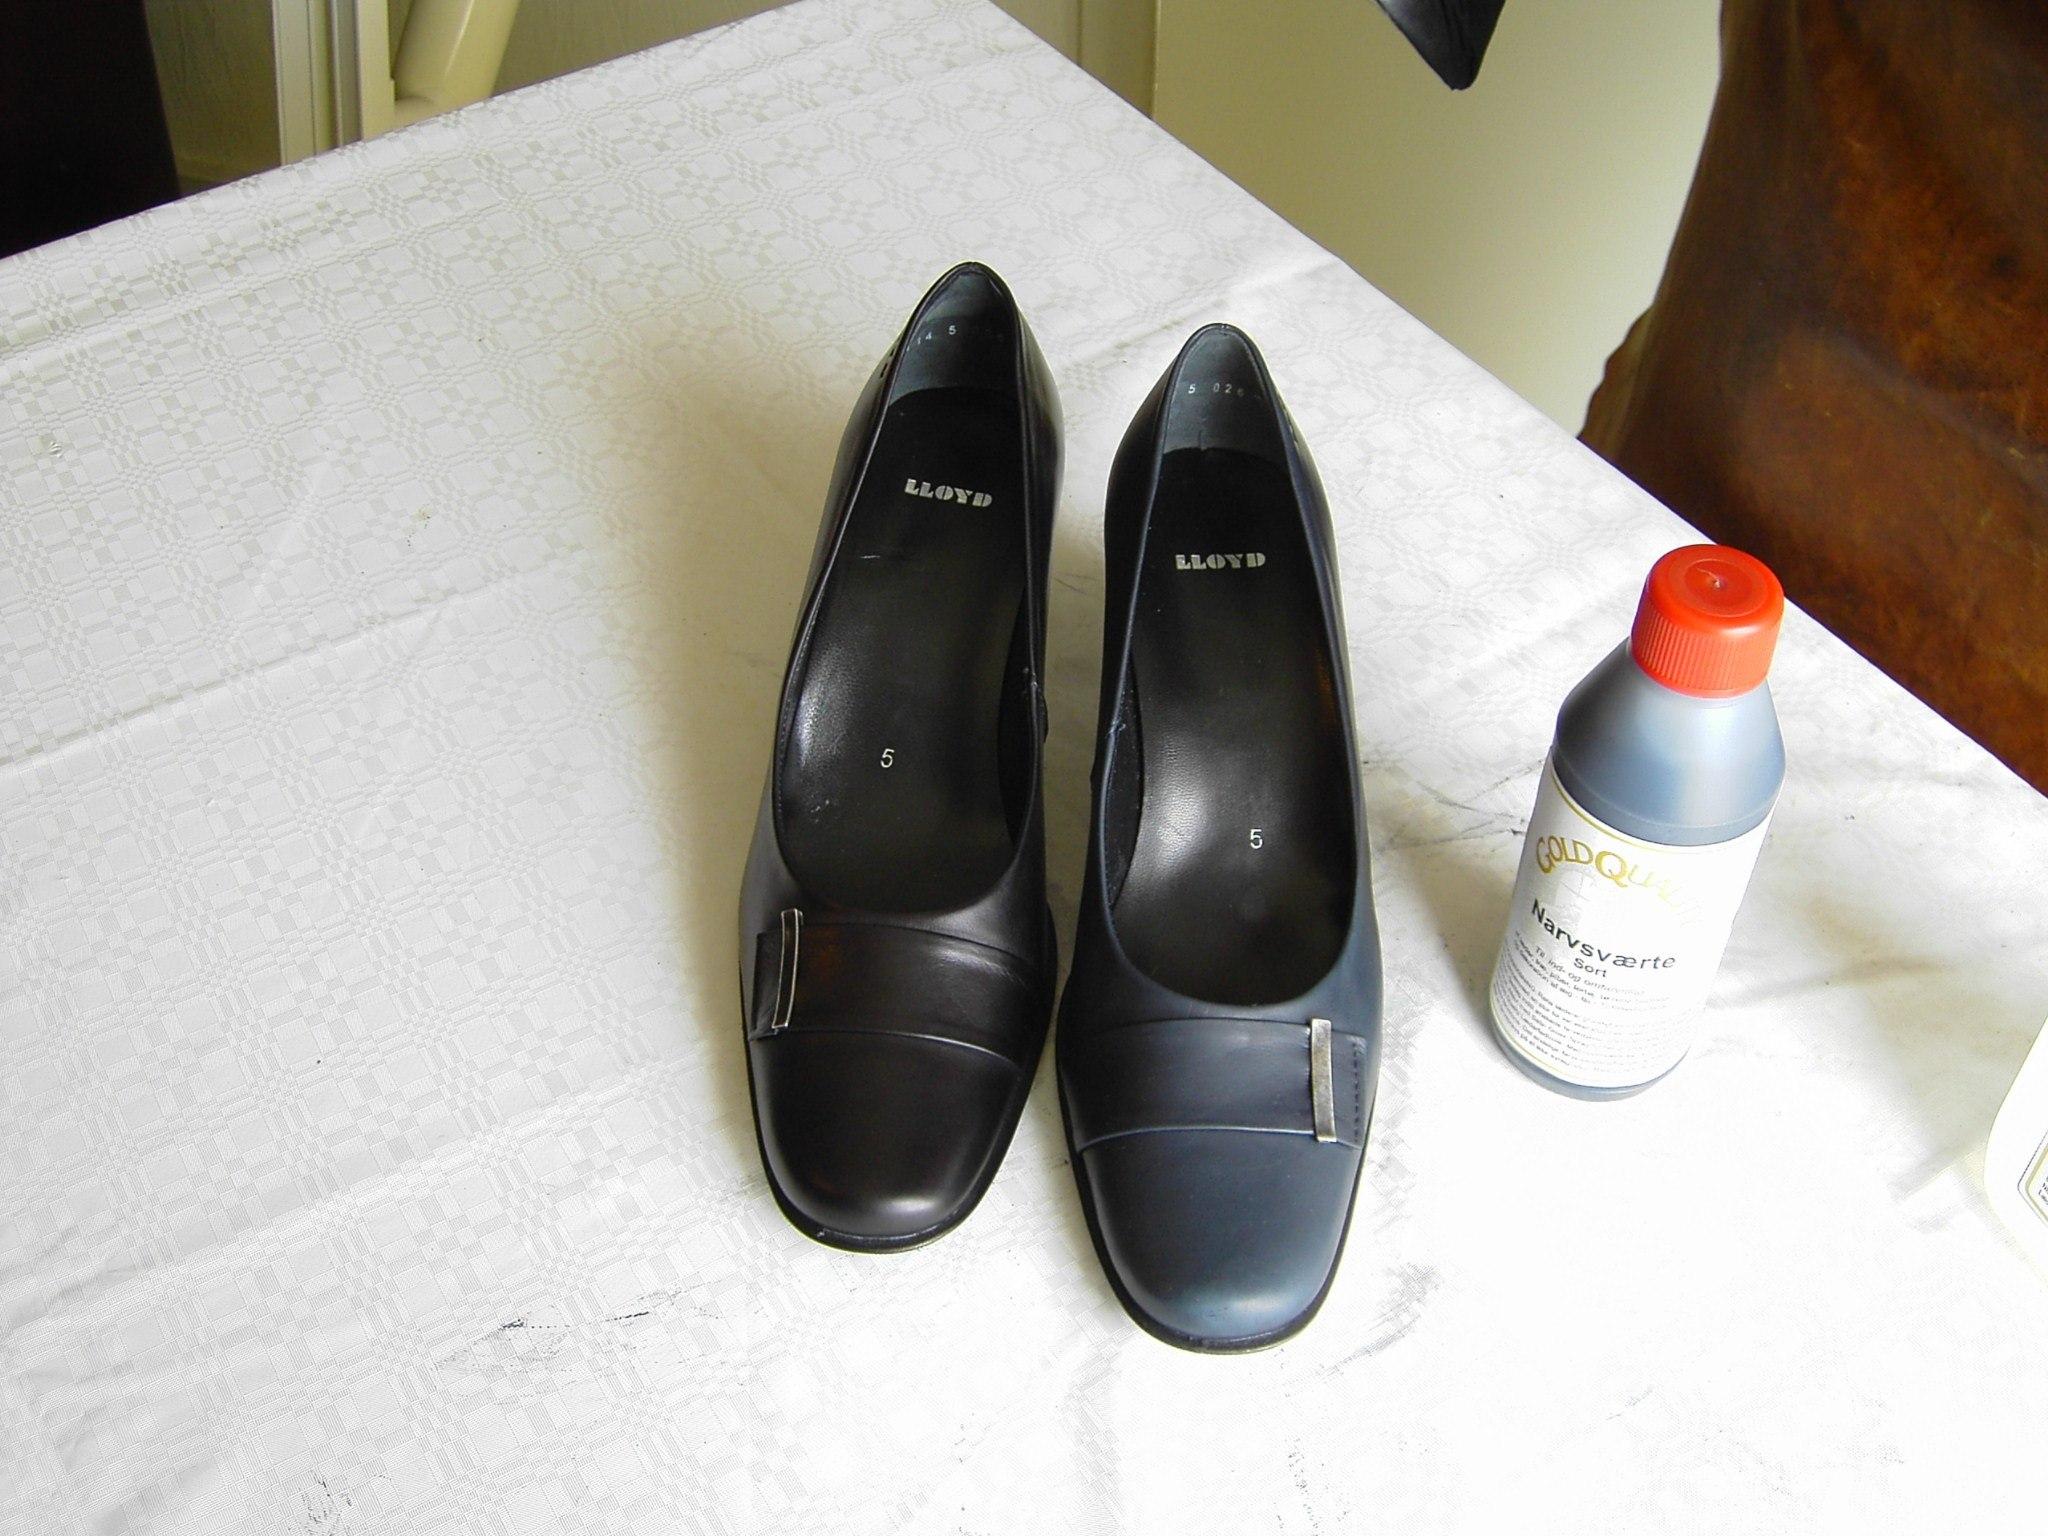 Den ene blå lædersko er nu indfarvet  sort. Herefter anvendes Cathiel Satin  Gloss for at undgå afsmitning.  Til sidst smøres skoen med Gold Quality  Læderfedt.